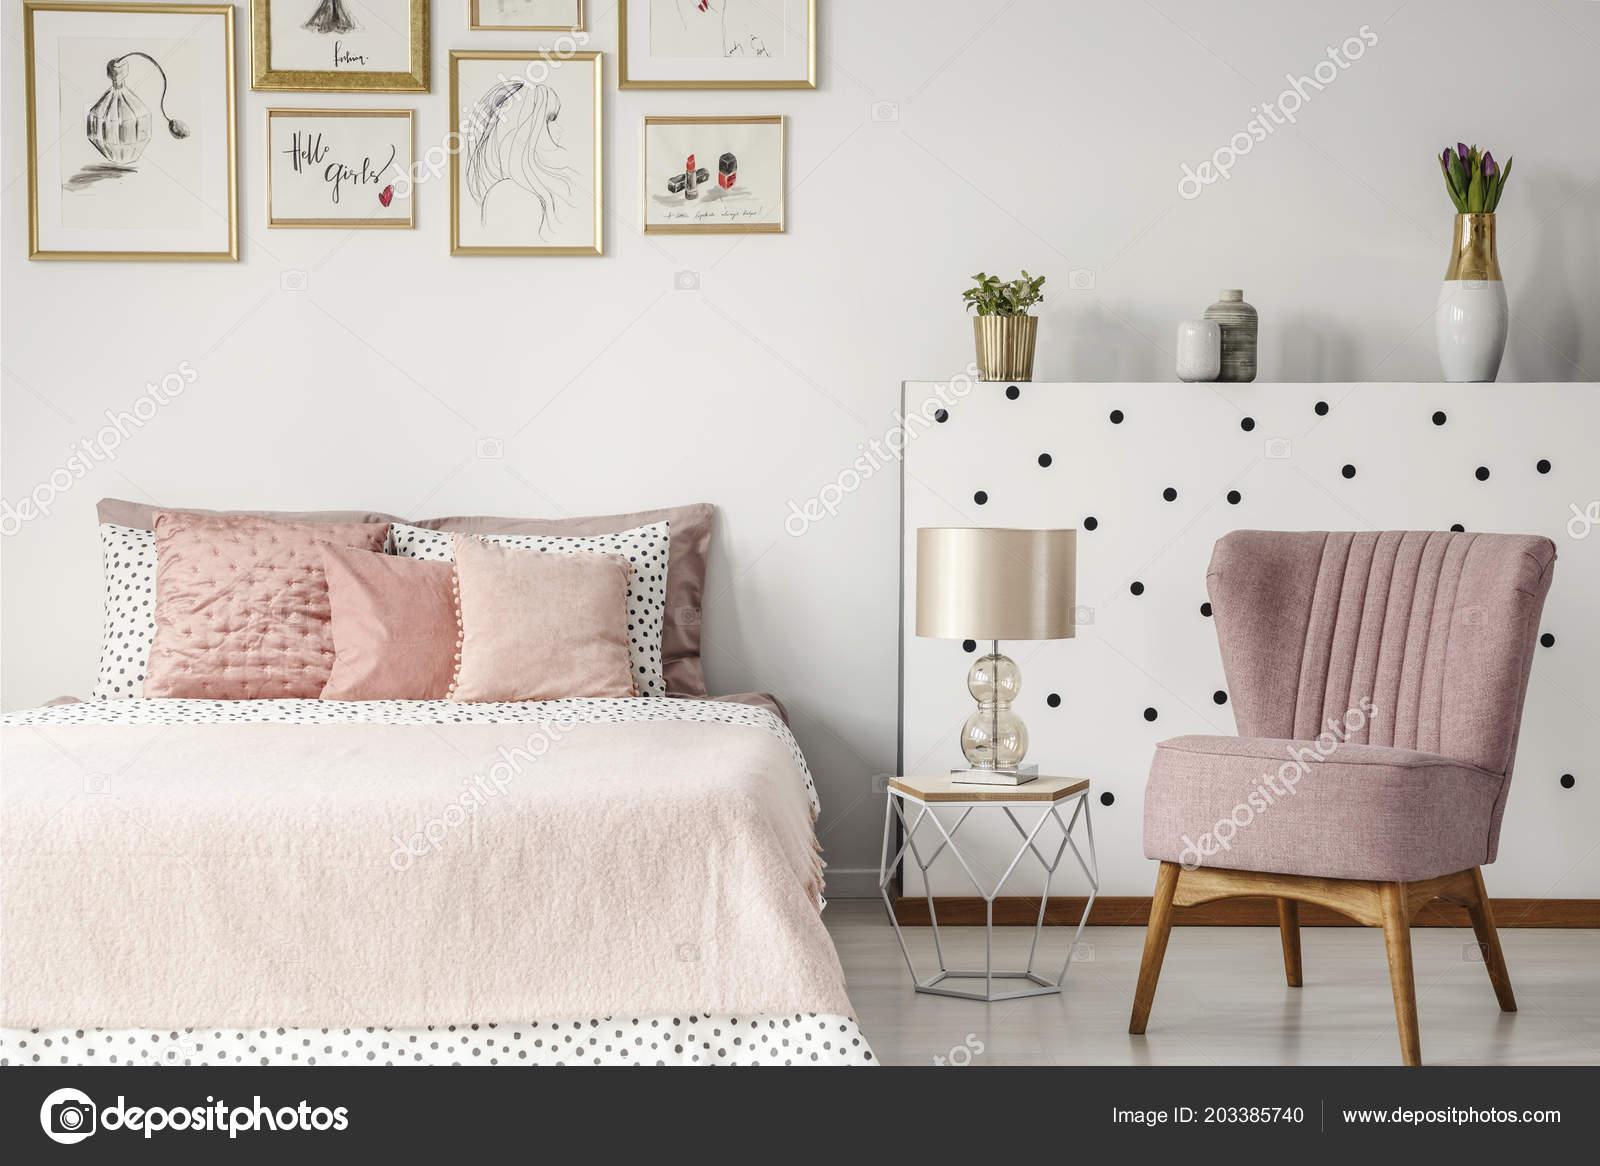 Slaapkamer Lamp Roze : Roze leunstoel naast tabel met lamp bed pastel slaapkamer interieur